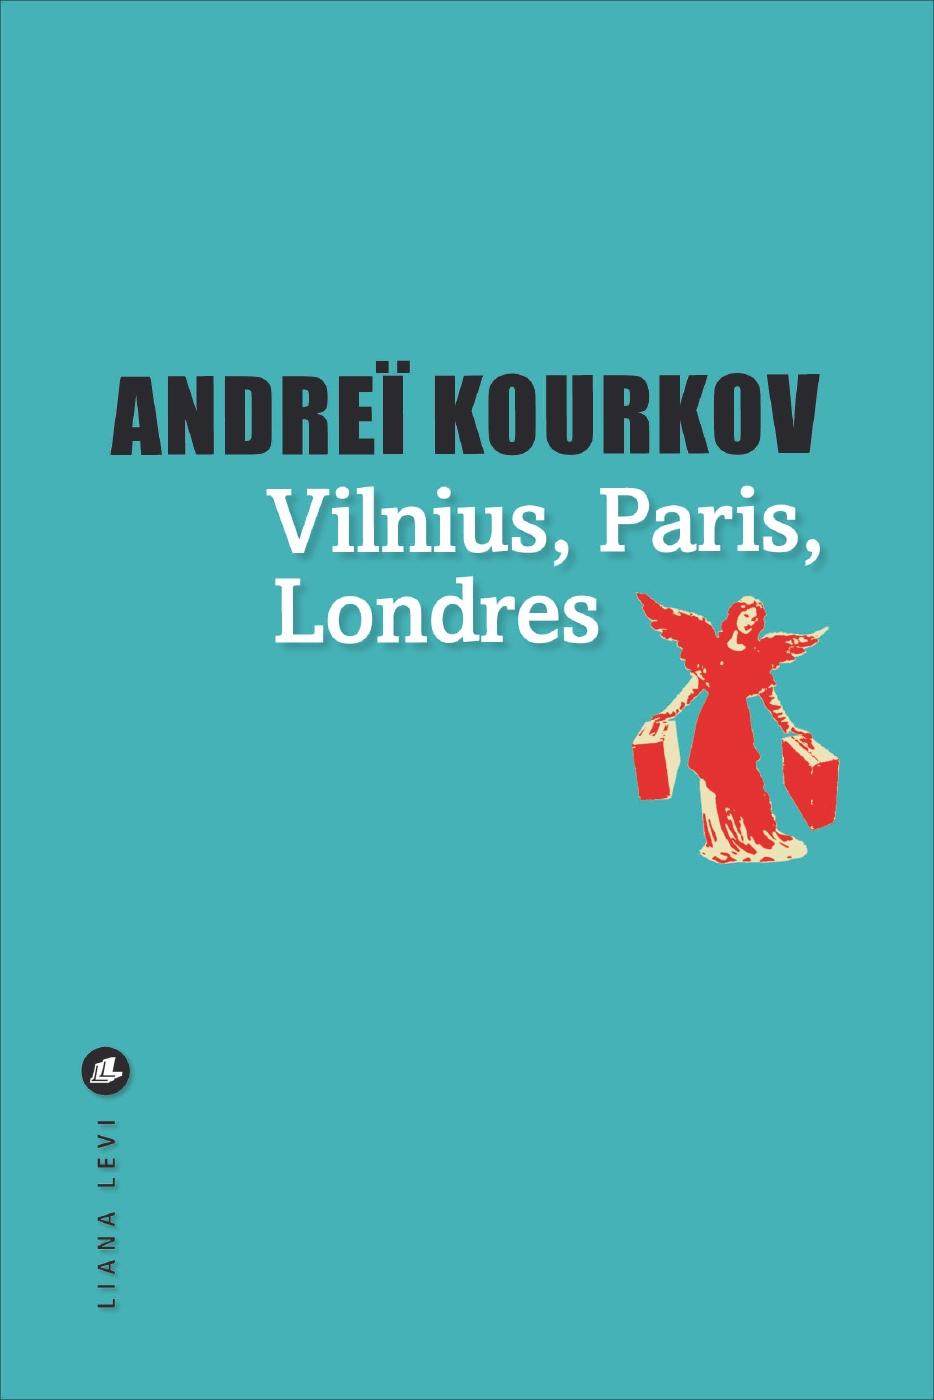 Vilnius, Londres, Paris